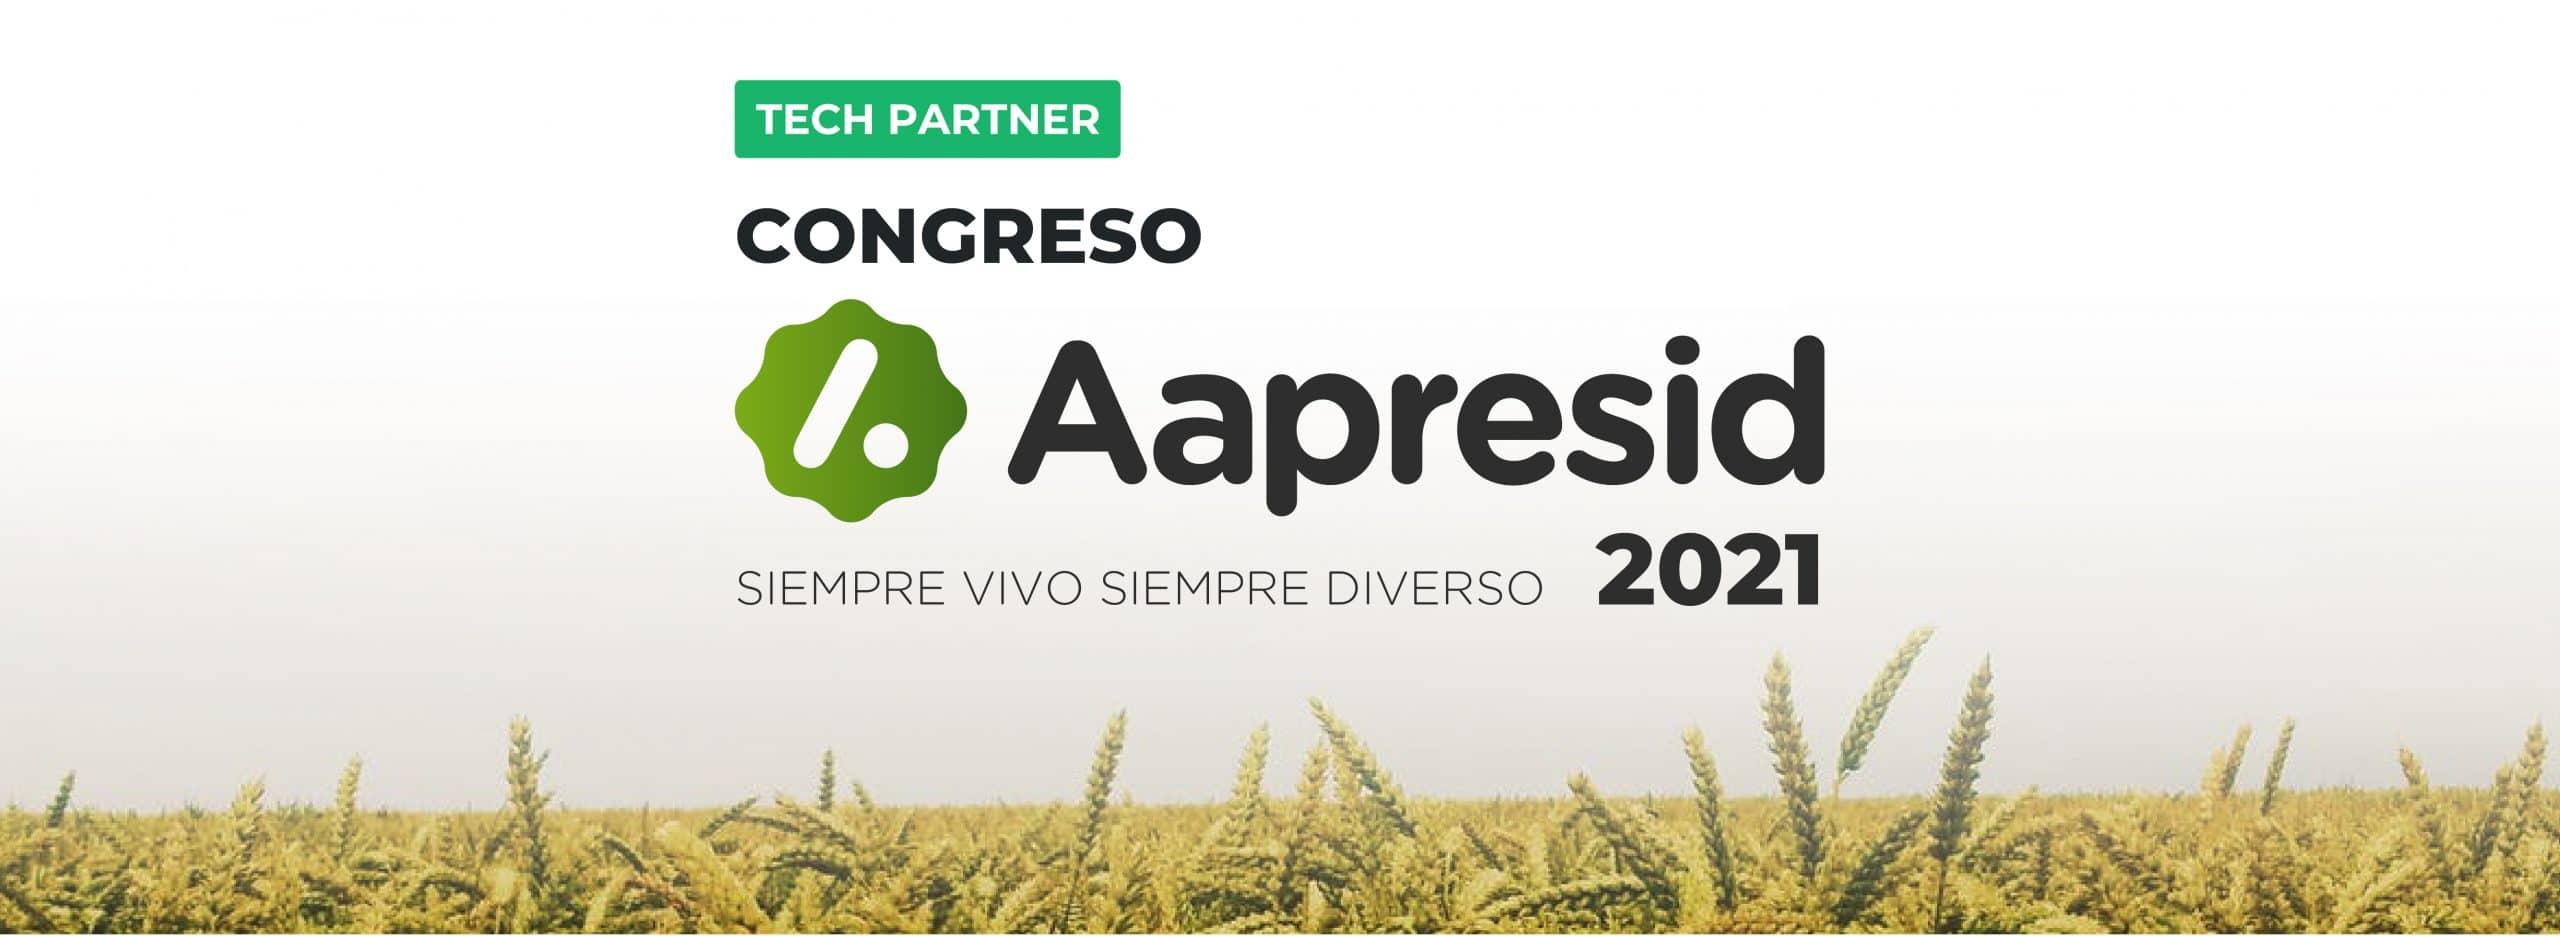 Congreso Aapresid 2021: acompañamos al gran evento del Agro desde la Tecnología